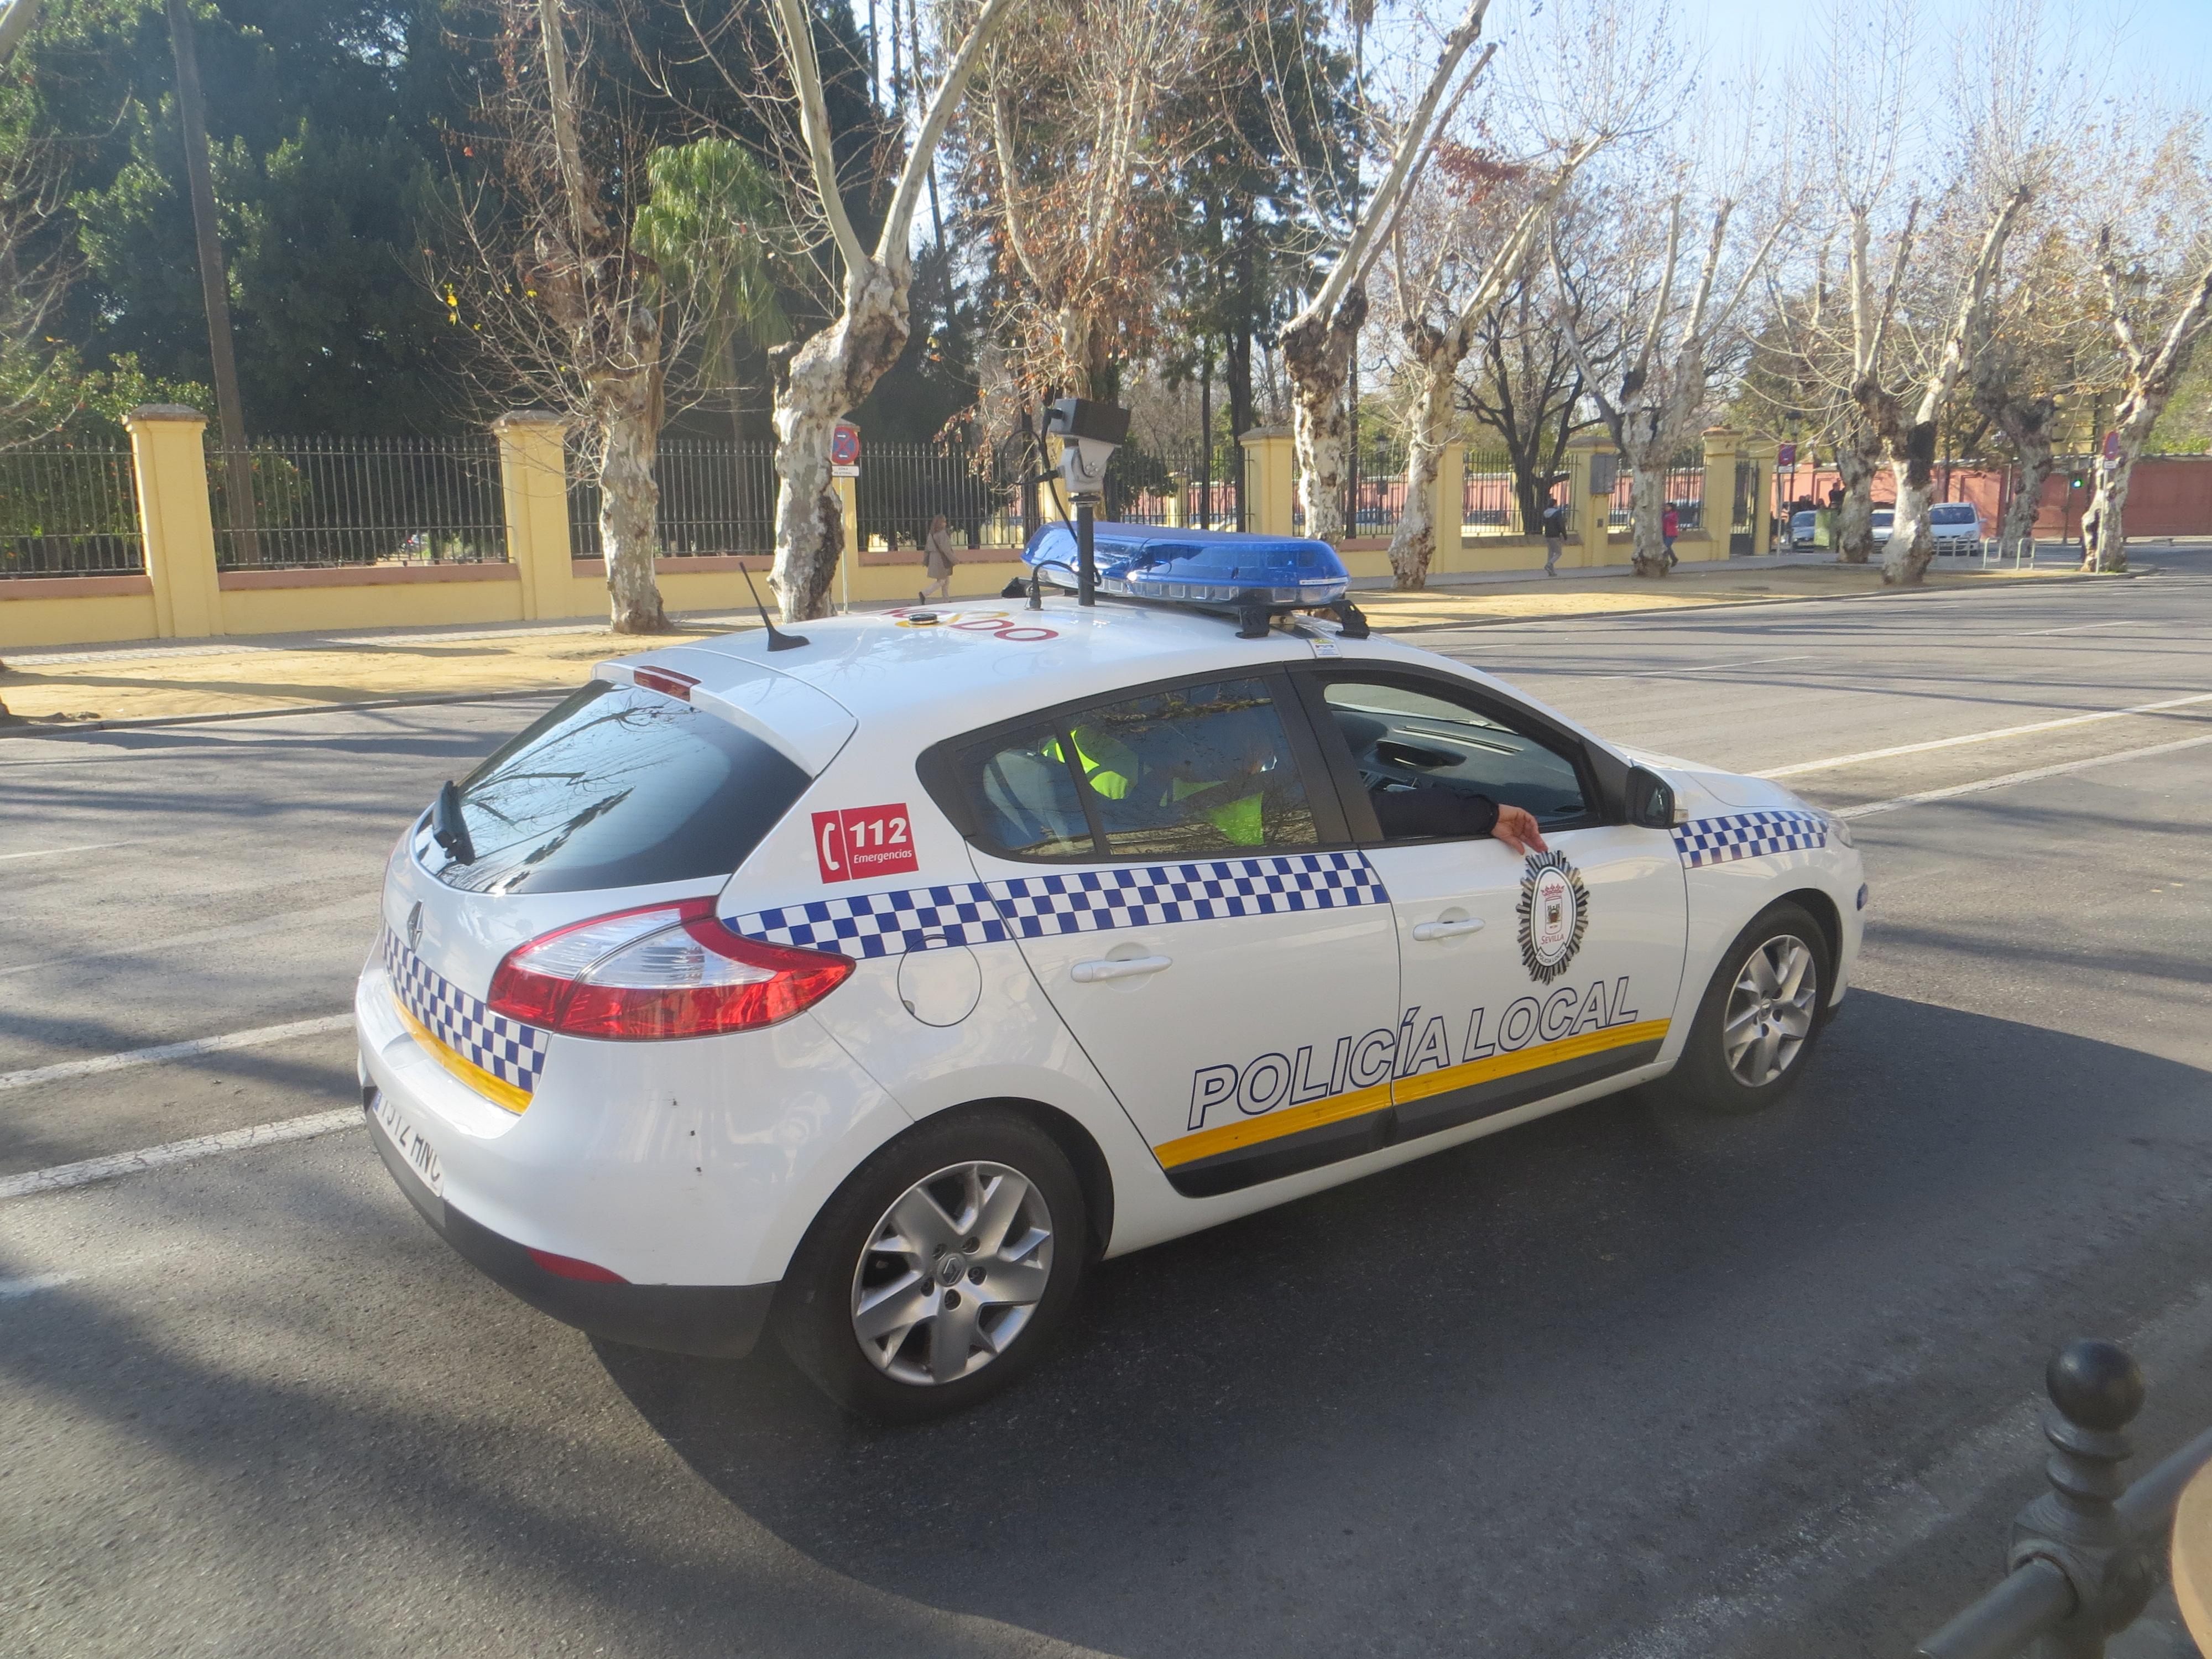 5 Plazas Policía Local Ayuntamiento Carmona, Sevilla